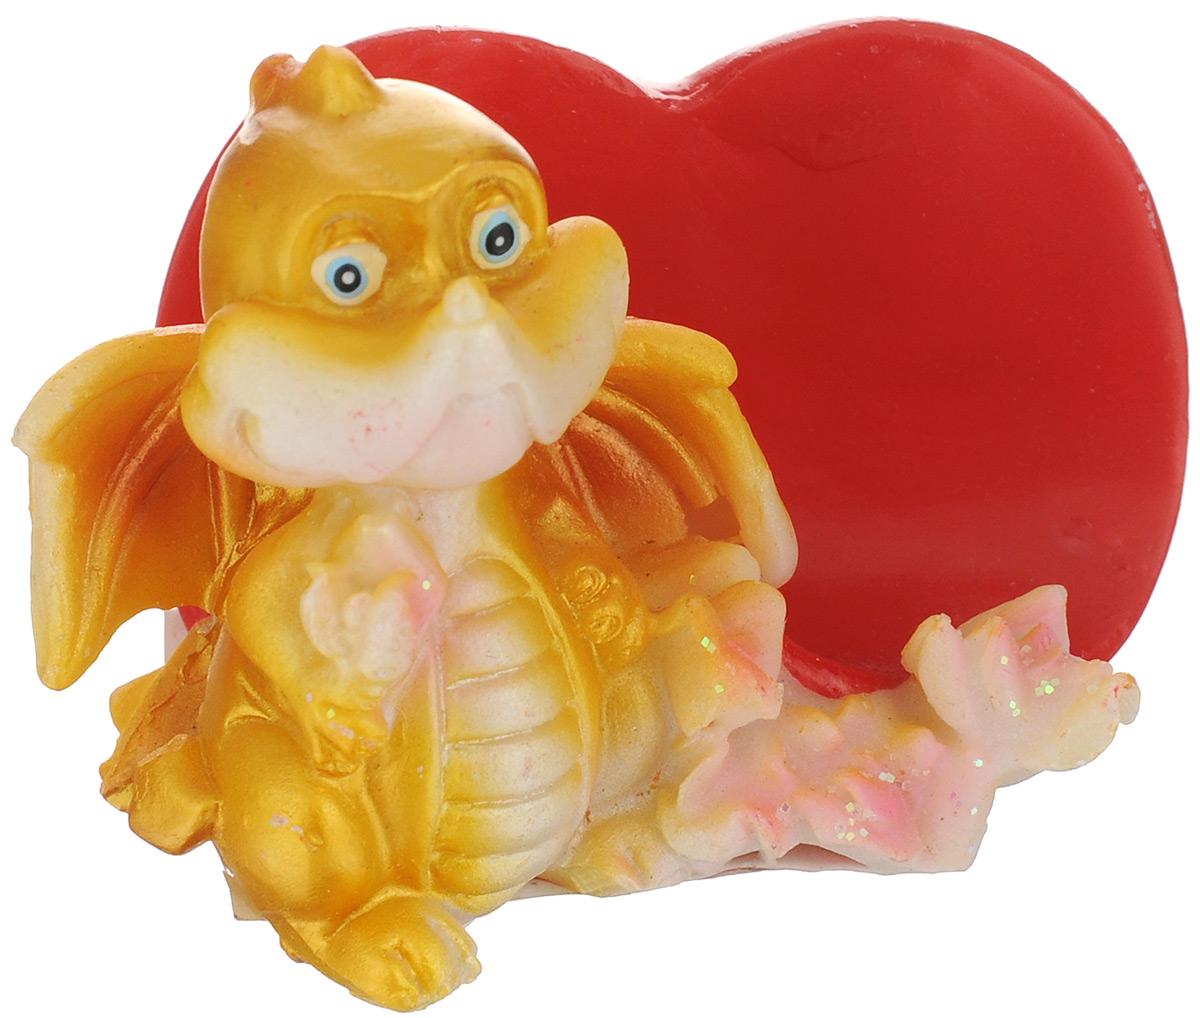 Статуэтка декоративная Lunten Ranta Влюбленный дракончик, с подставкой для визиток60273Очаровательная статуэтка Lunten Ranta Влюбленный дракончик станет оригинальным подарком для всех любителей стильных вещей. Она выполнена из полирезина в виде дракончика и имеет удобную подставку для визиток в виде сердца. Забавный сувенир станет прекрасным дополнением к интерьеру. Вы можете поставить статуэтку в любом месте, где она будет удачно смотреться и радовать глаз.Размер статуэтки: 6,5 х 4,5 х 4,5 см.